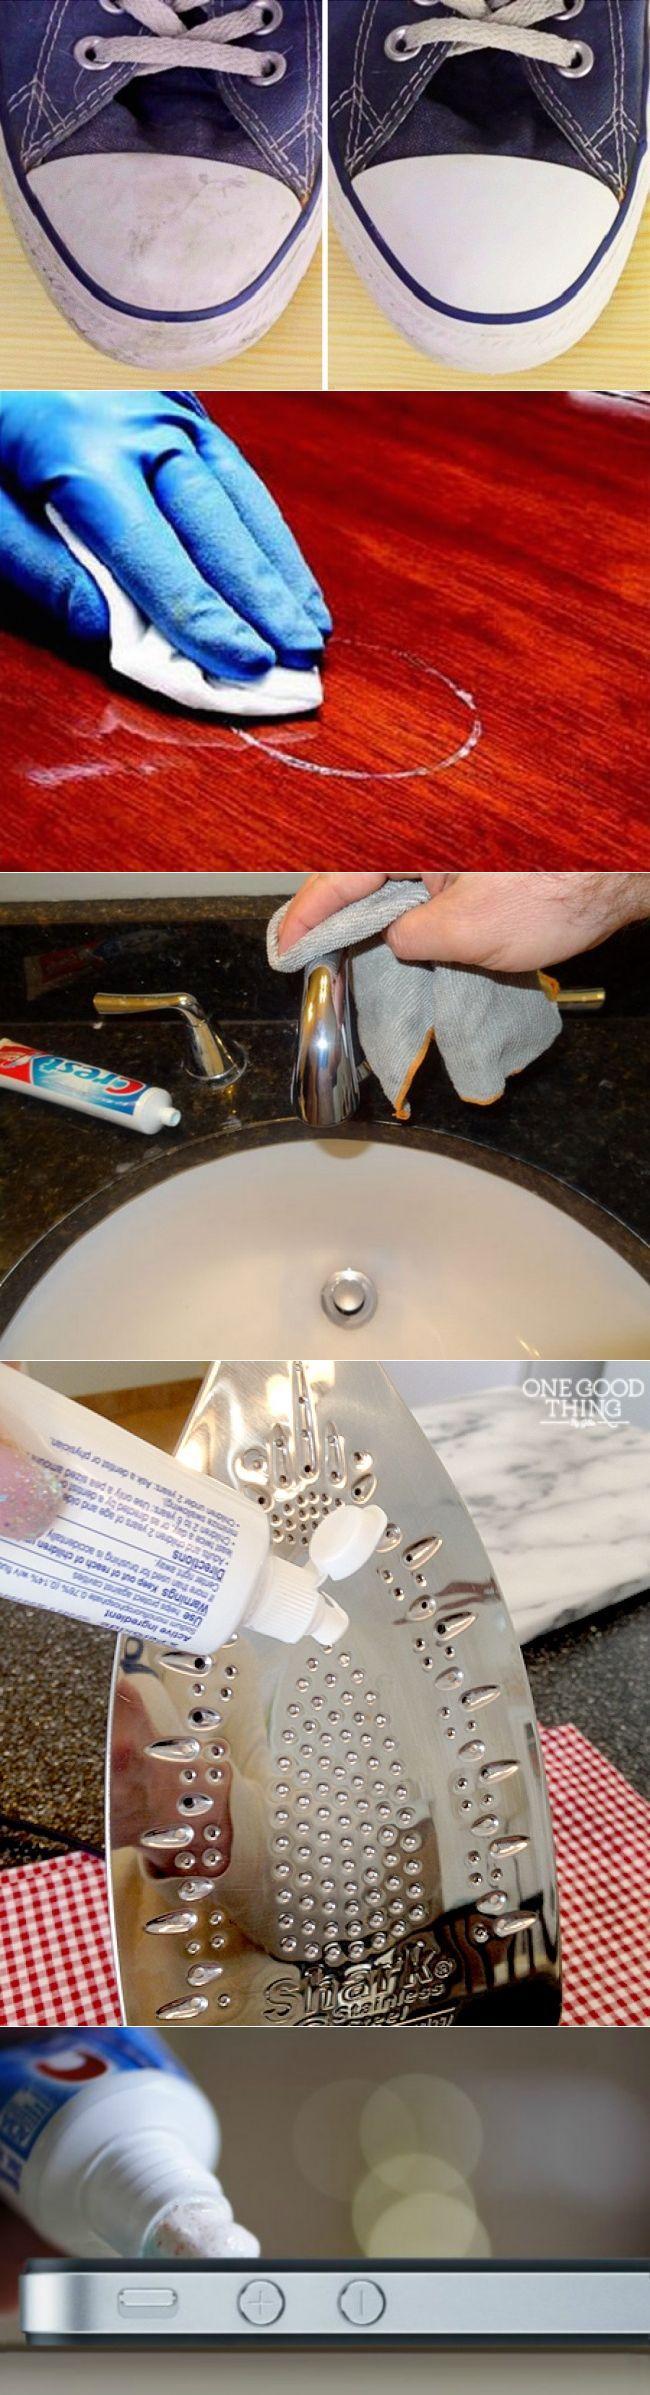 12 неожиданных способов использовать зубную пасту